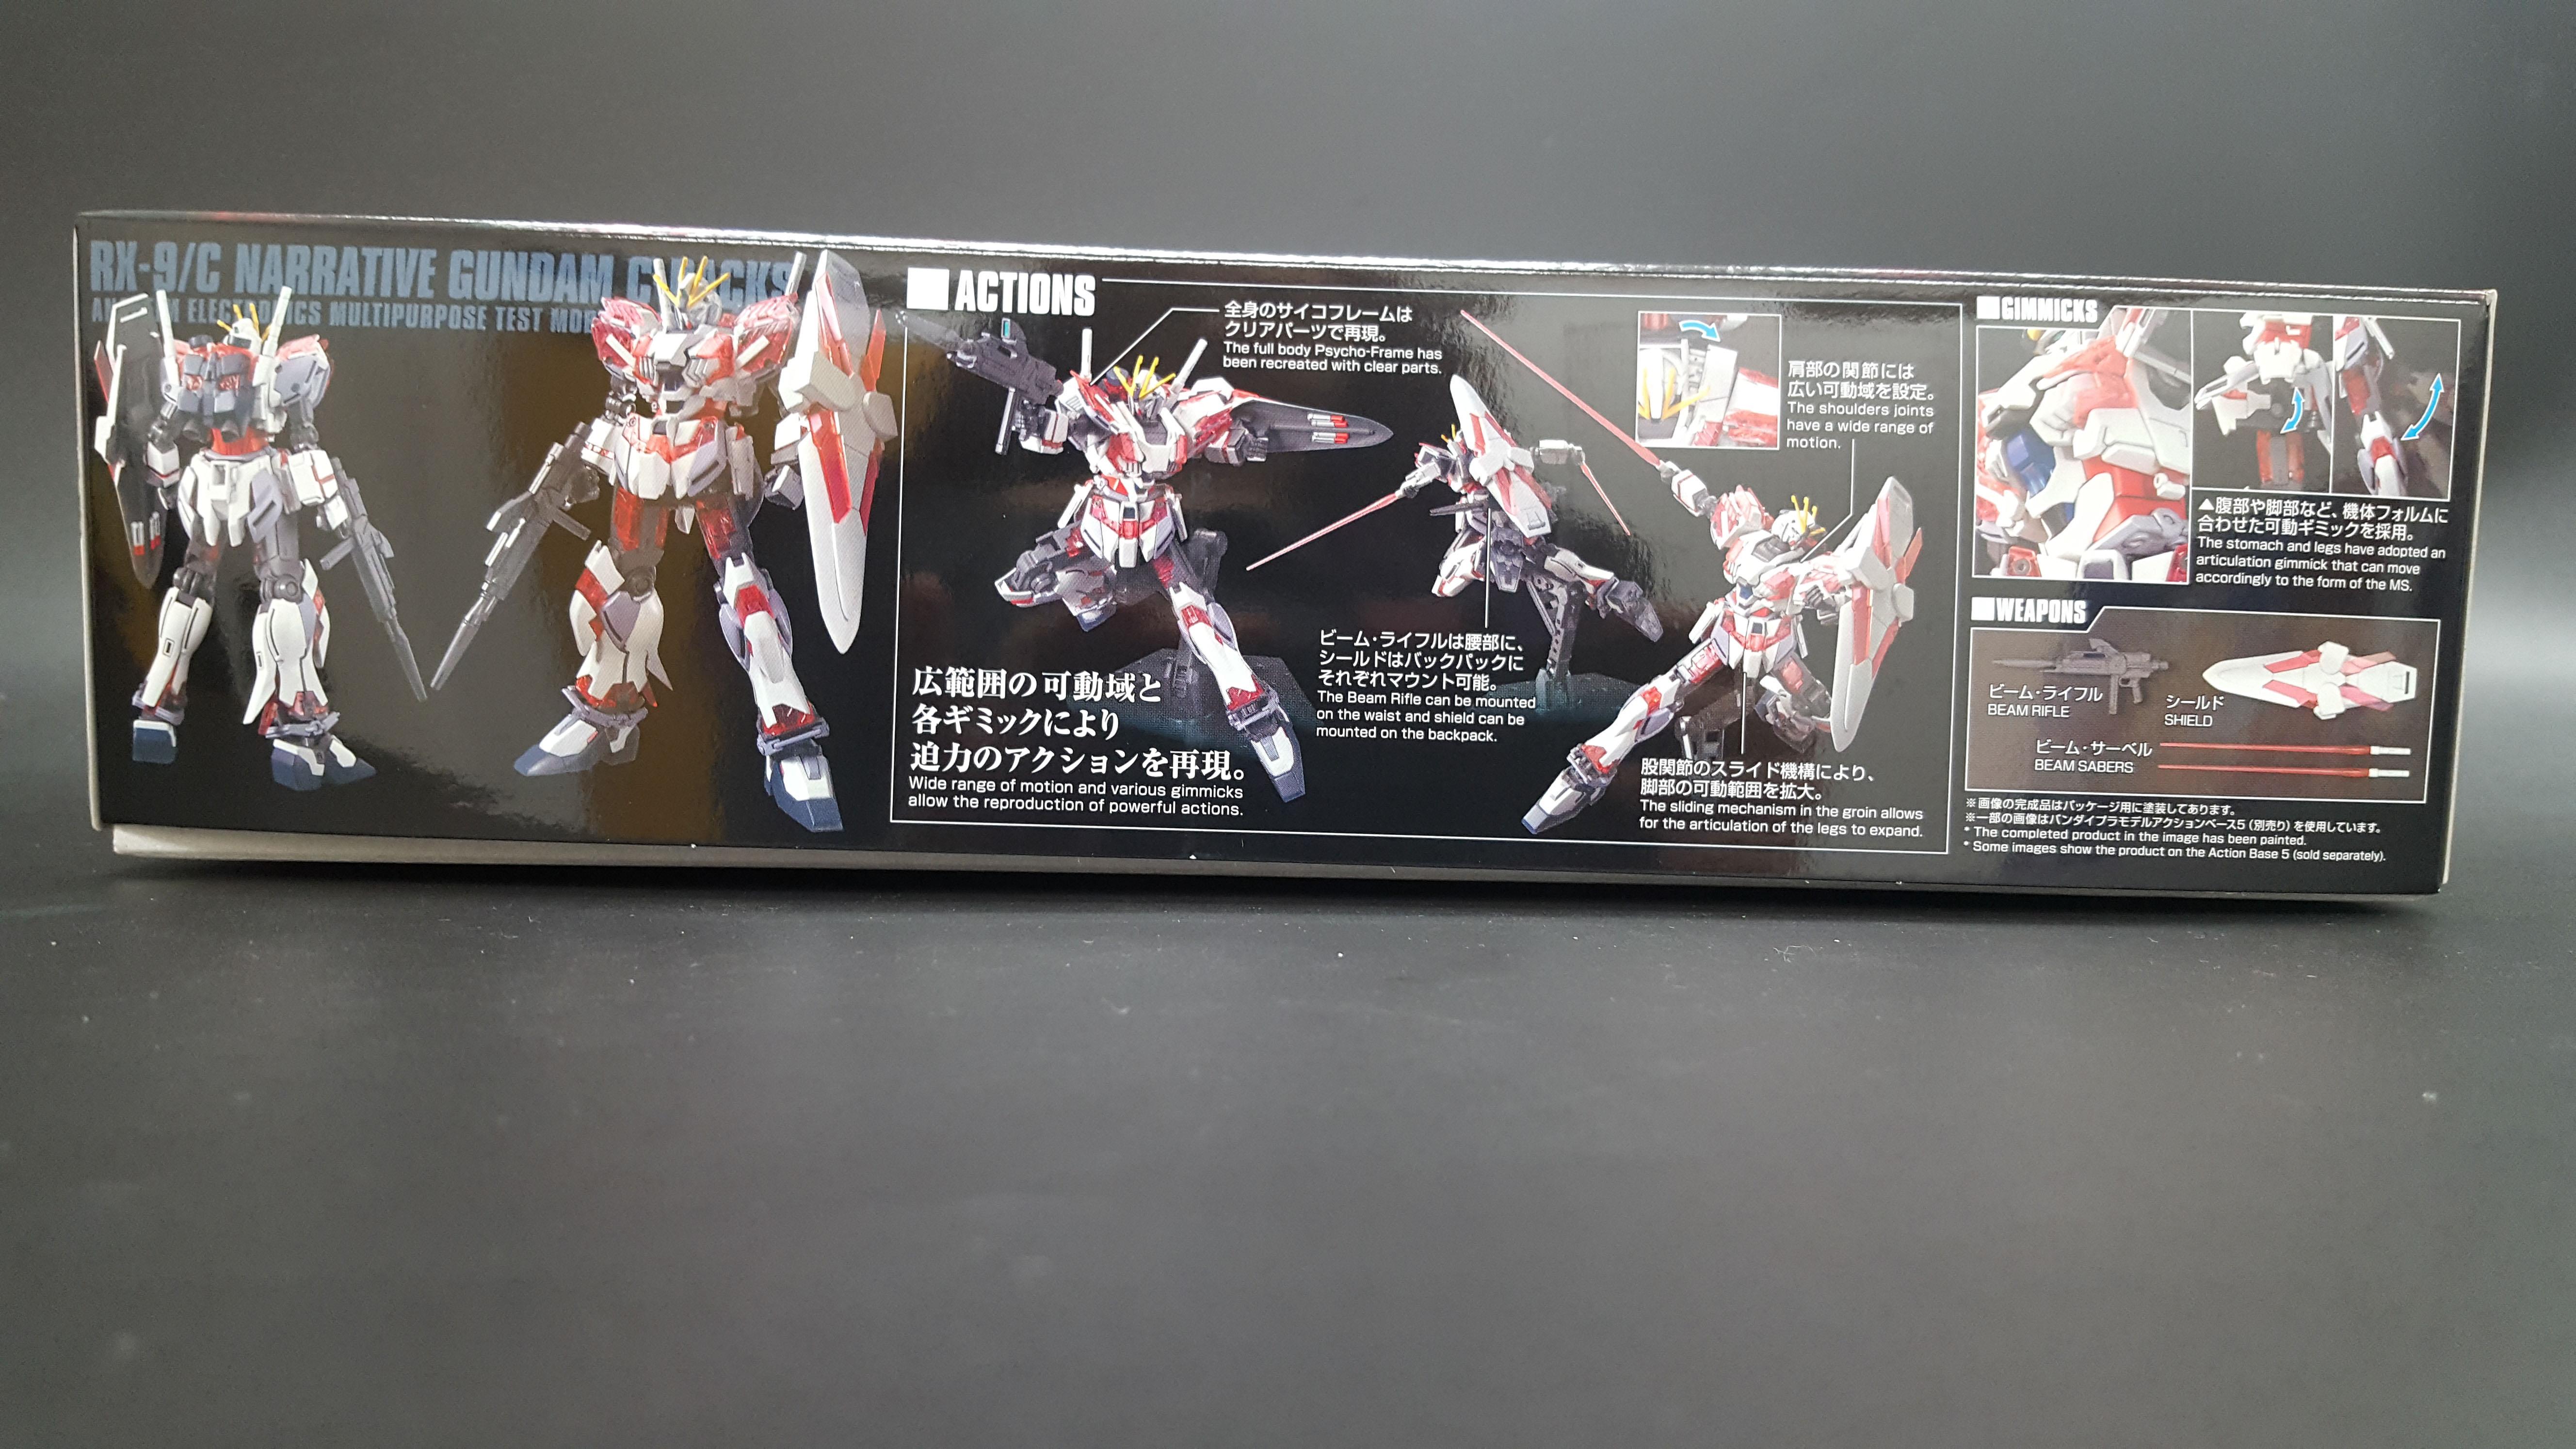 1/144 HGUC Narrative Gundam C-Packs